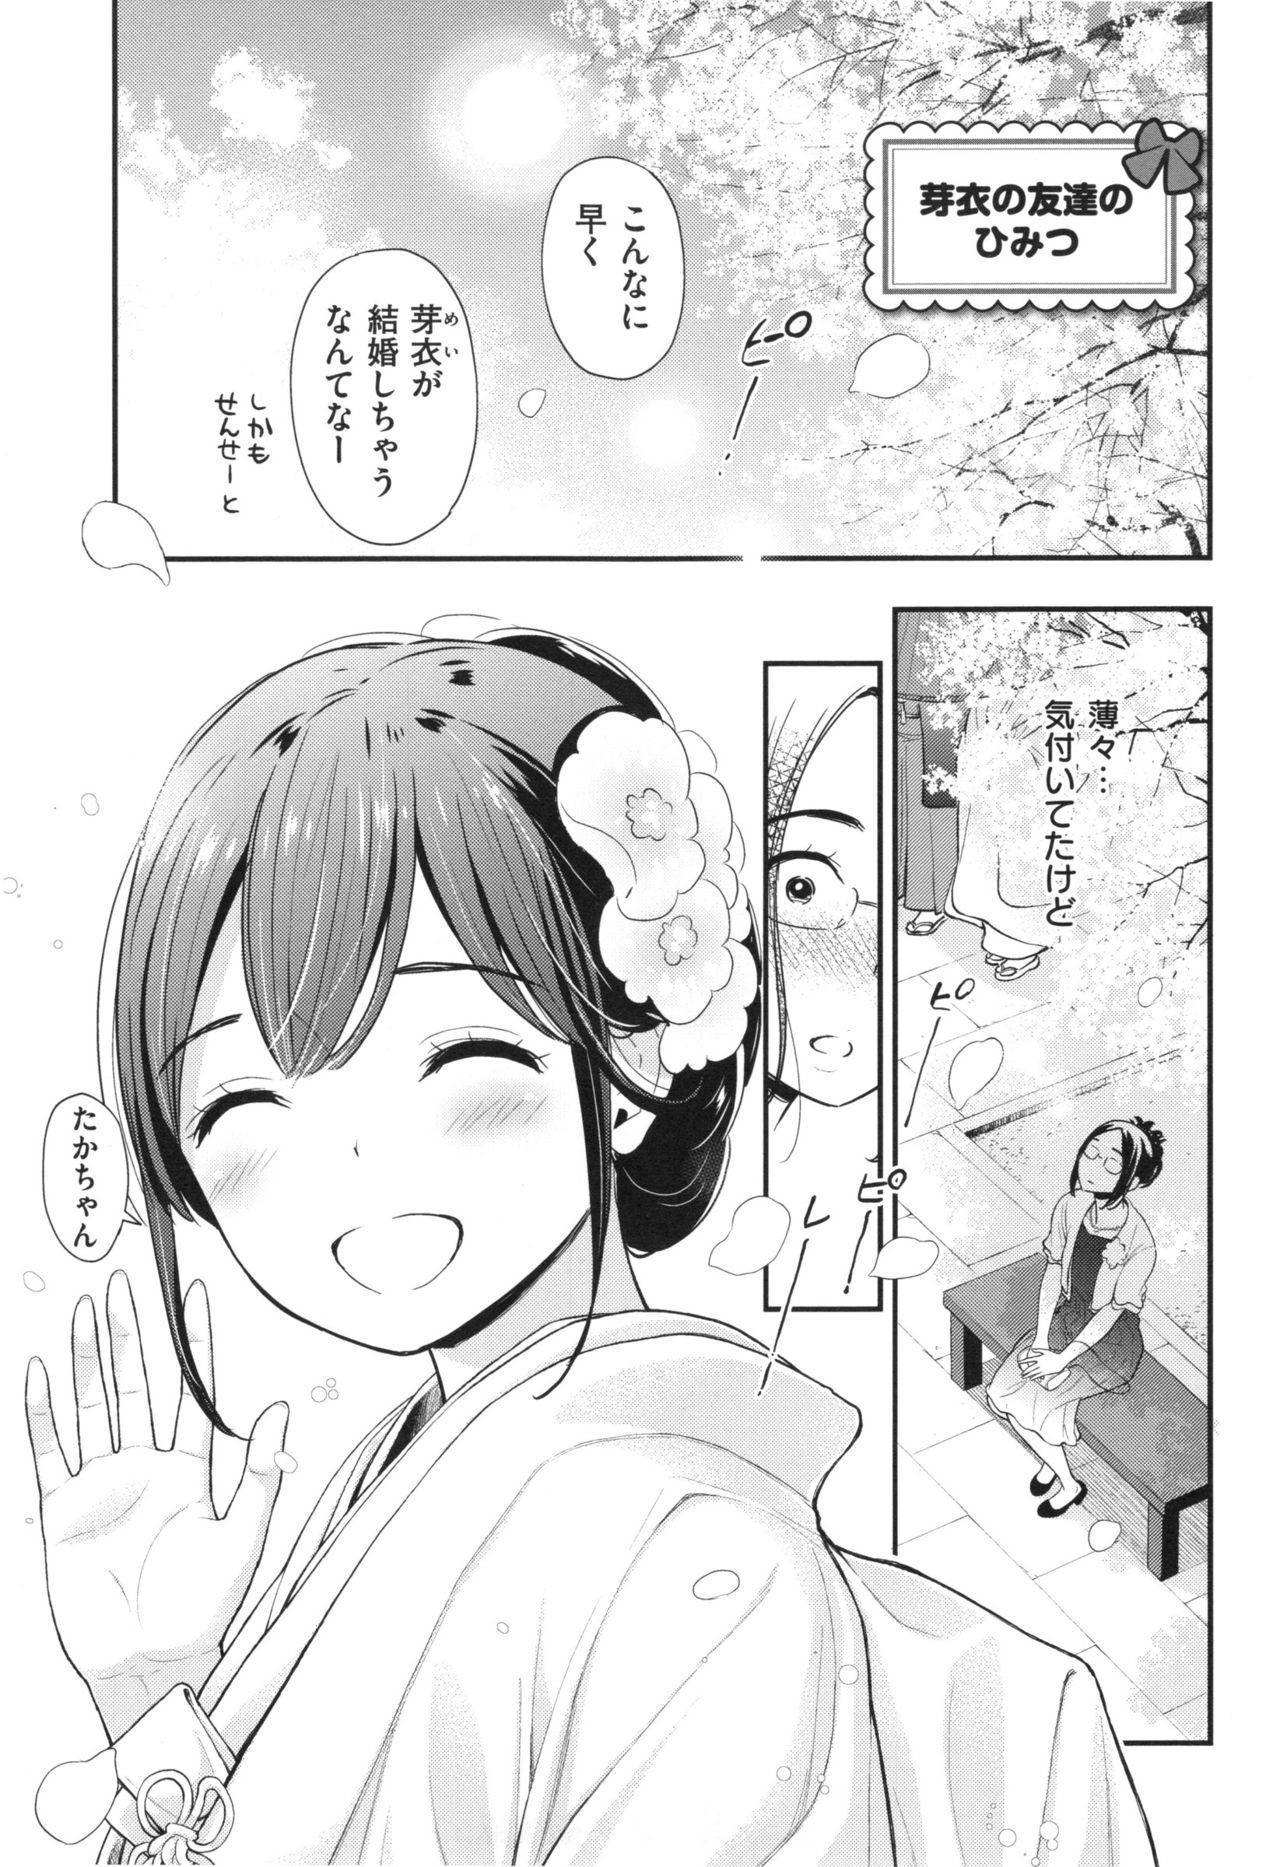 Futari no Himitsu 59